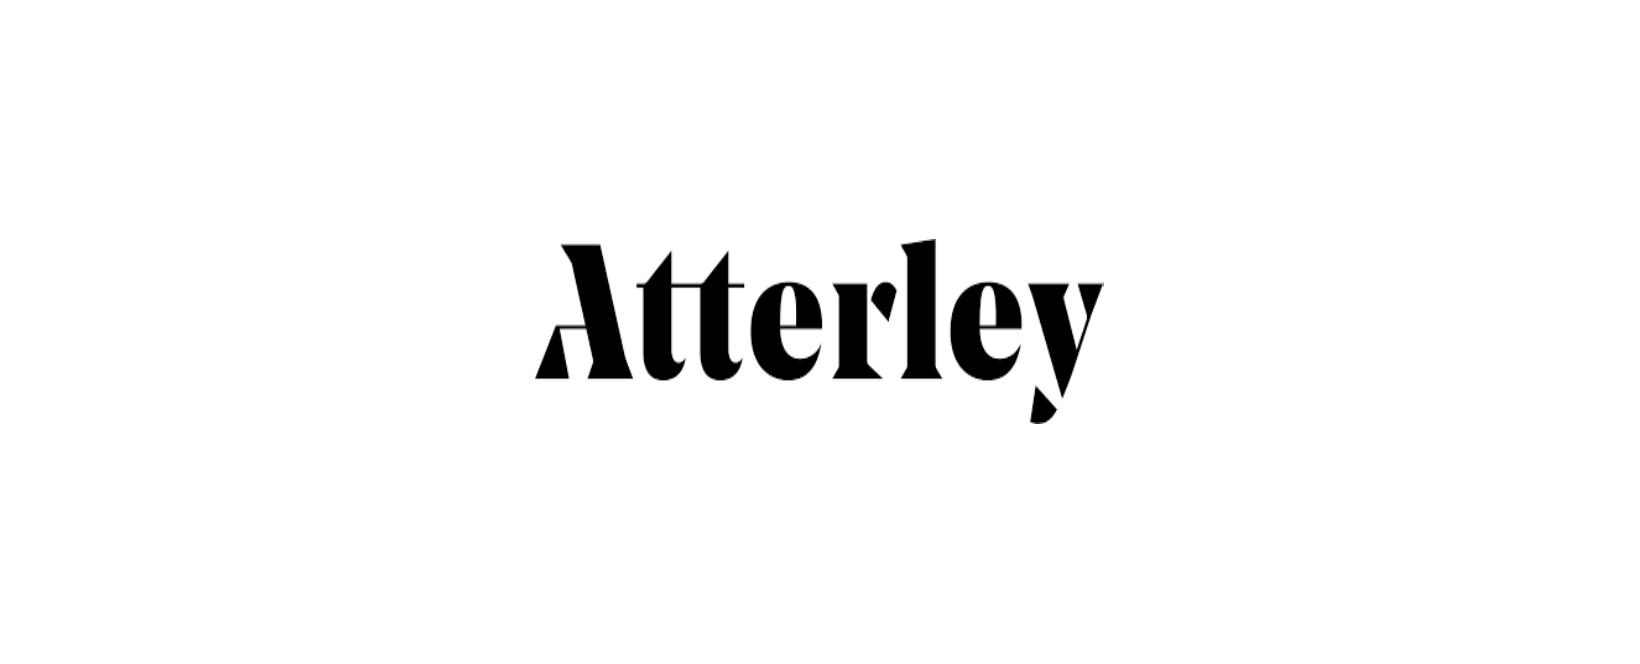 Atterley Discount Code 2021